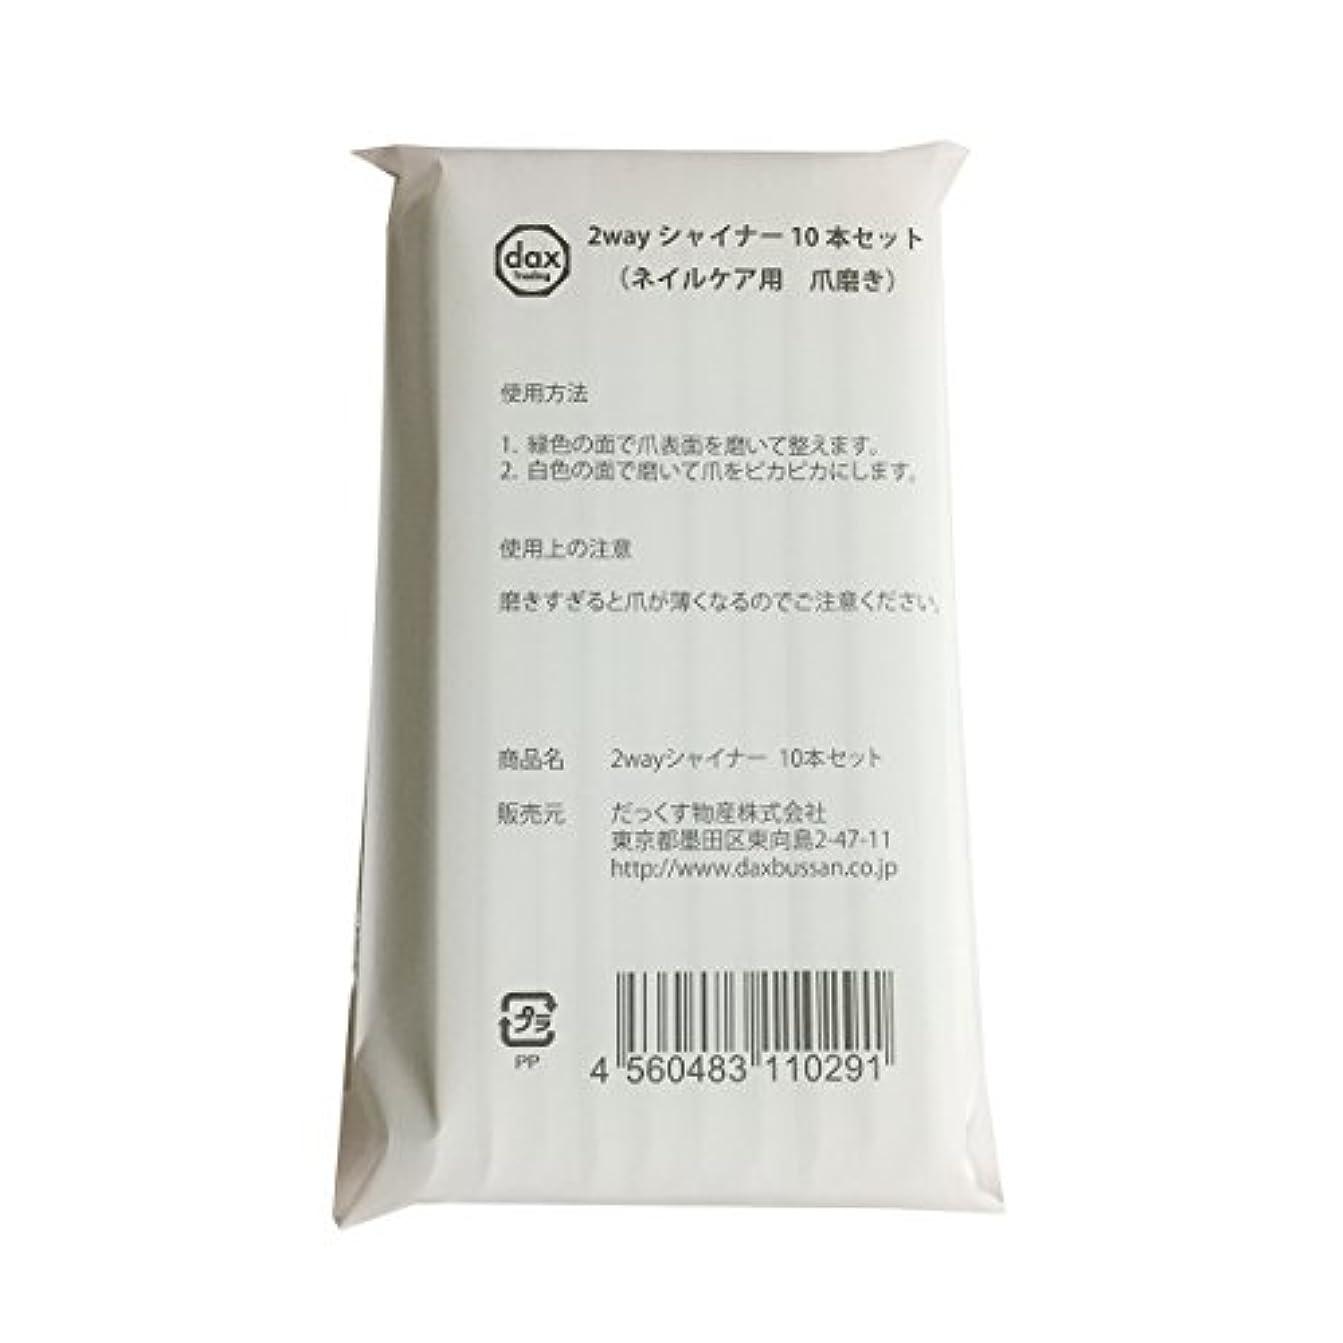 盆戸棚原始的な【だっくす物産】2wayシャイナー 10本セット (ネイルケア用 爪磨き)